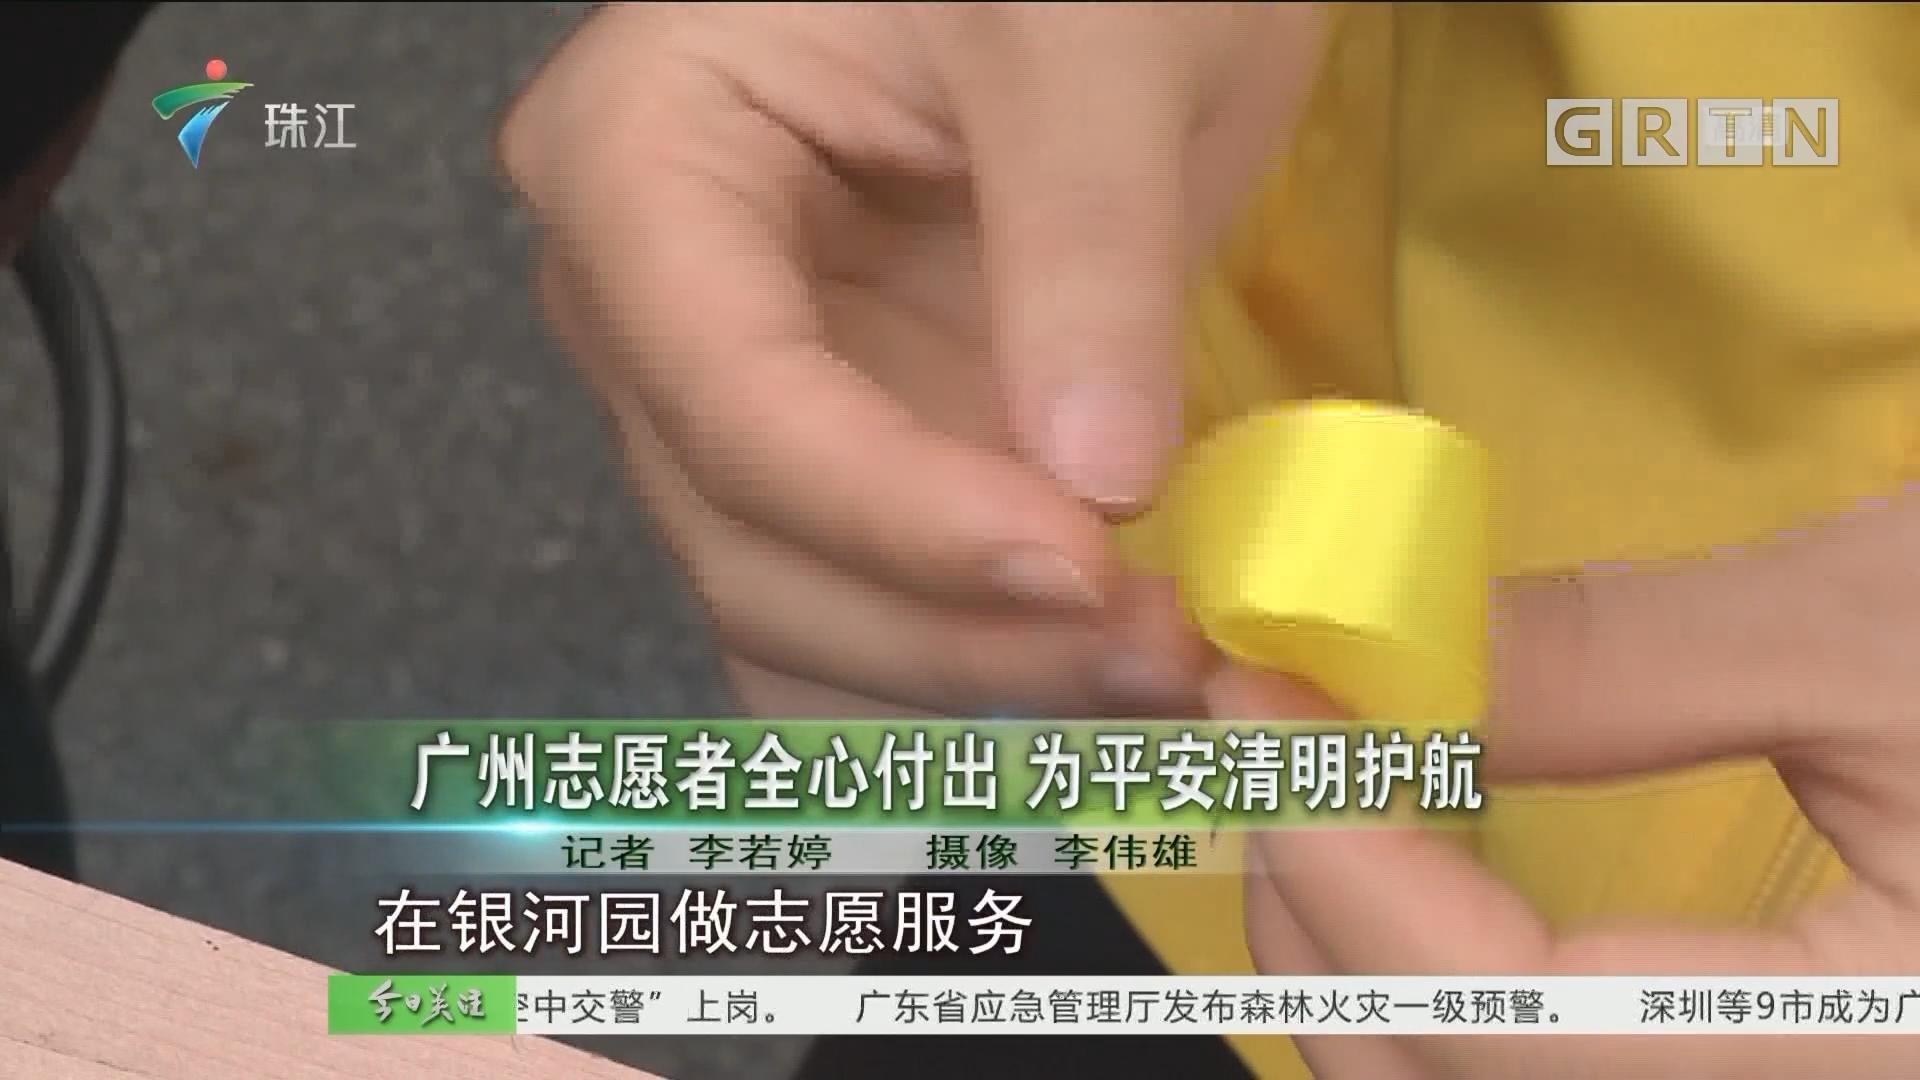 广州志愿者全心付出 为平安清明护航